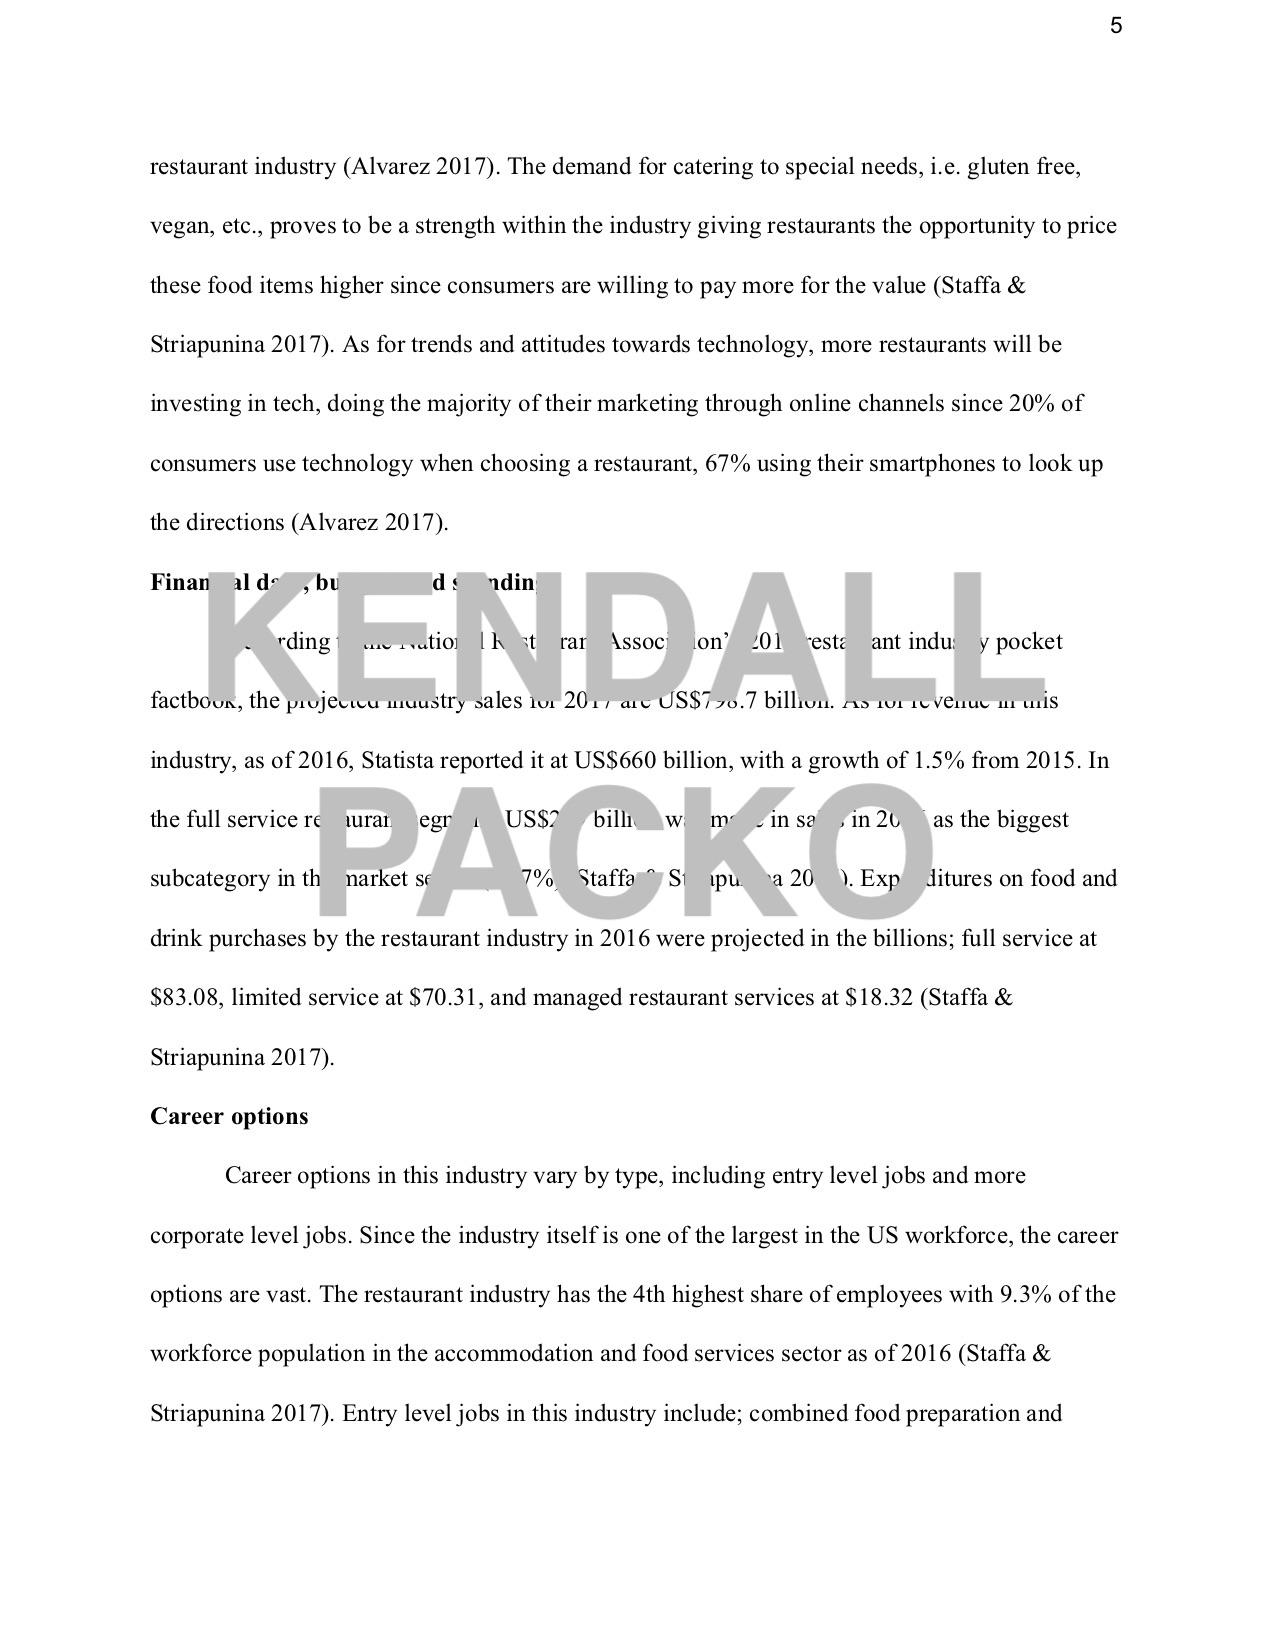 capstone_ white paper (paper)-5 WATERMARK.jpg